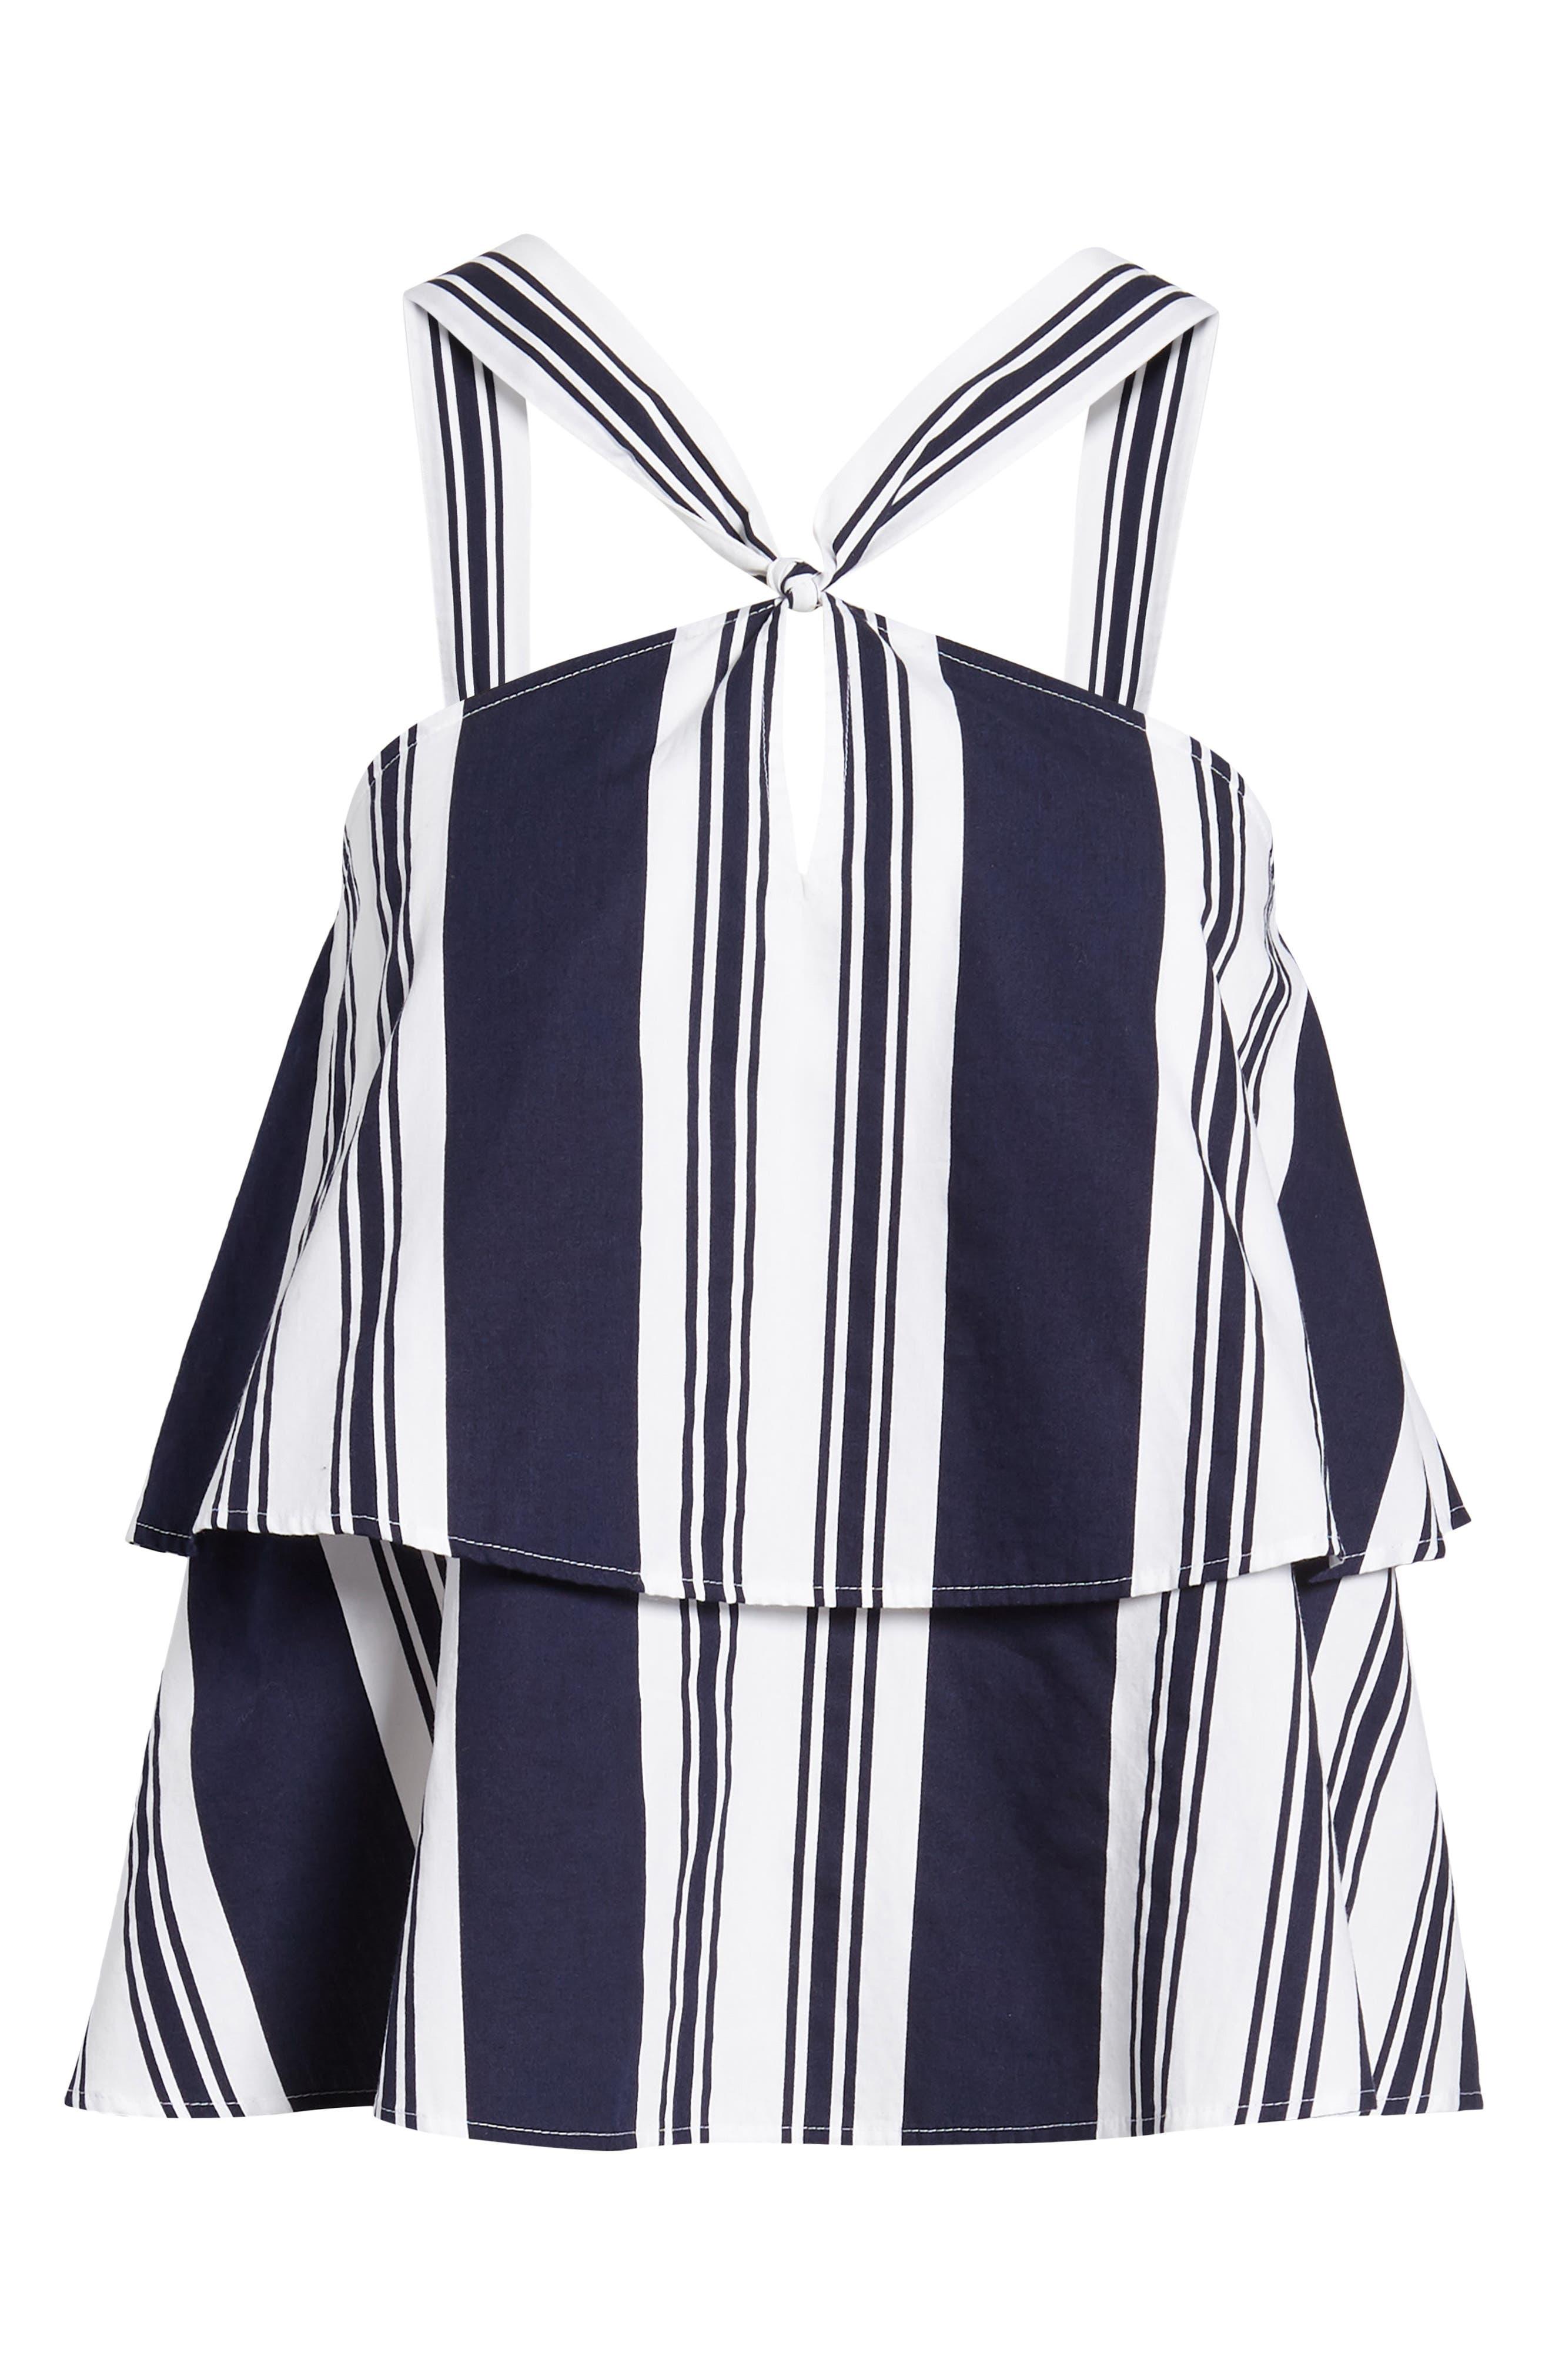 Stripe Poplin Halter Top,                             Alternate thumbnail 7, color,                             Navy Peacoat Umbrella Stripe